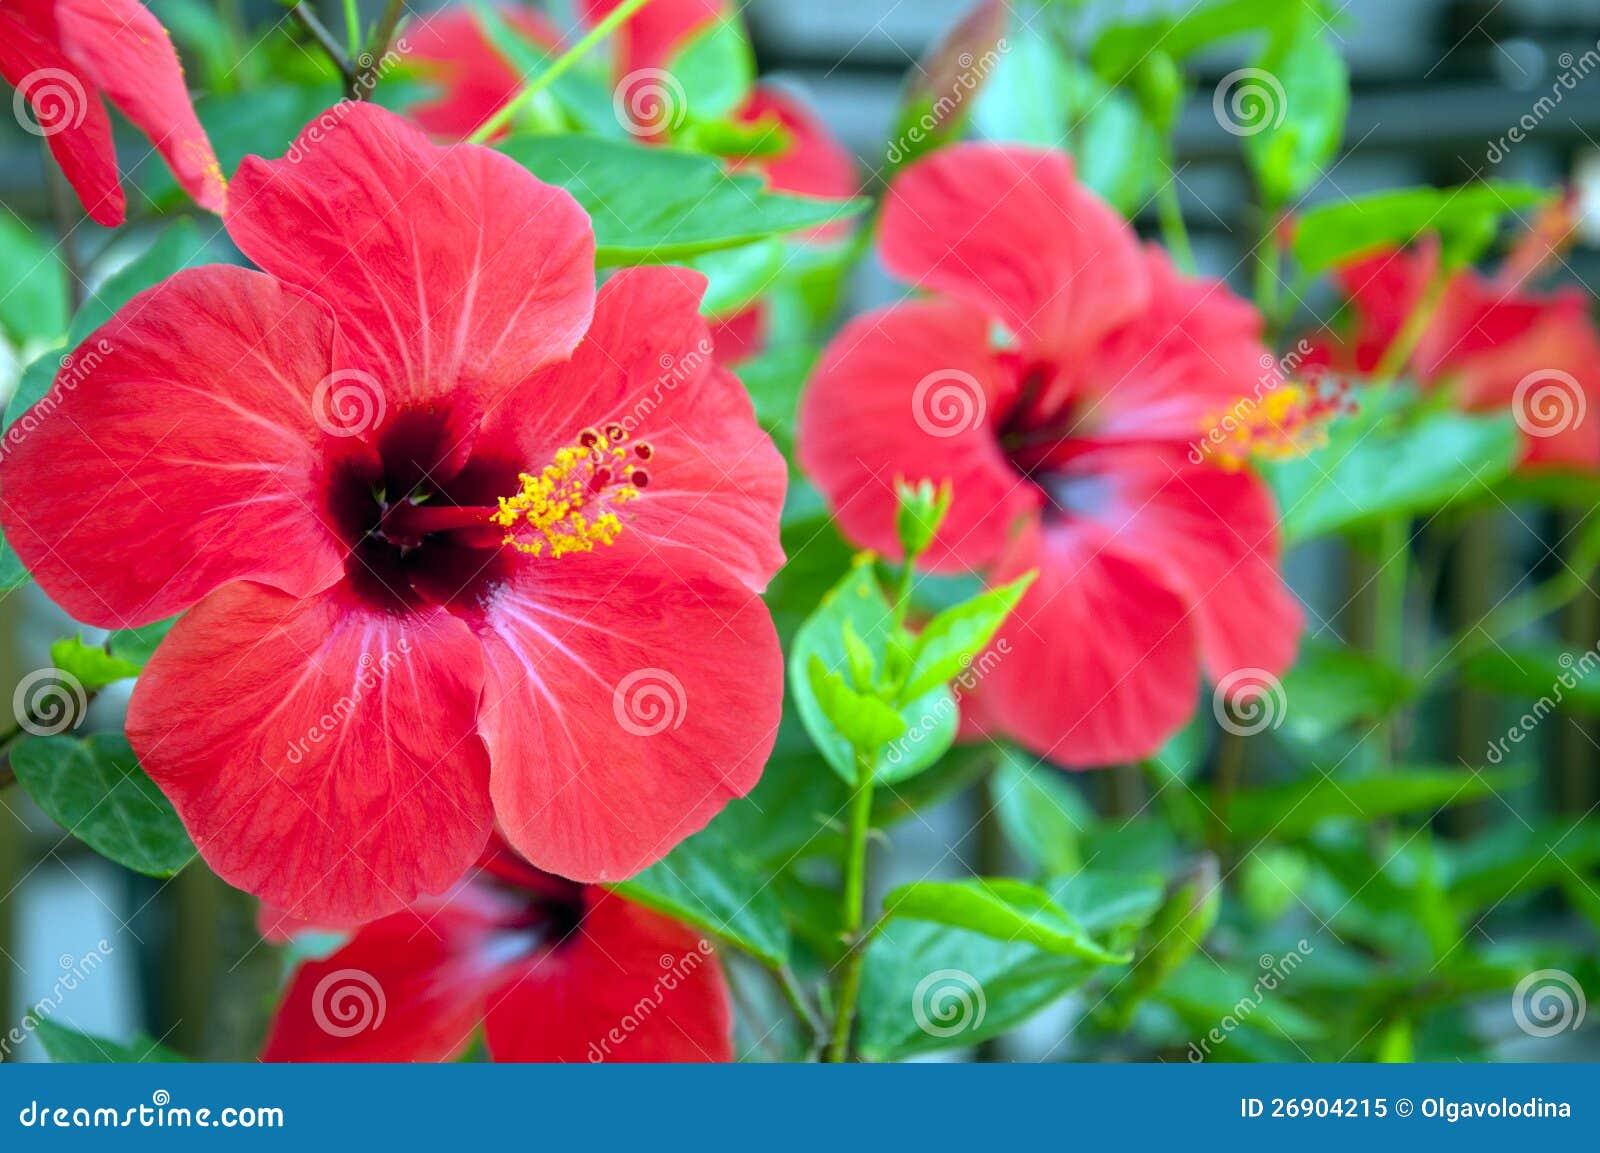 Fiori Grandi.Grandi Fiori Rossi Dell Ibisco Immagine Stock Immagine Di Rose